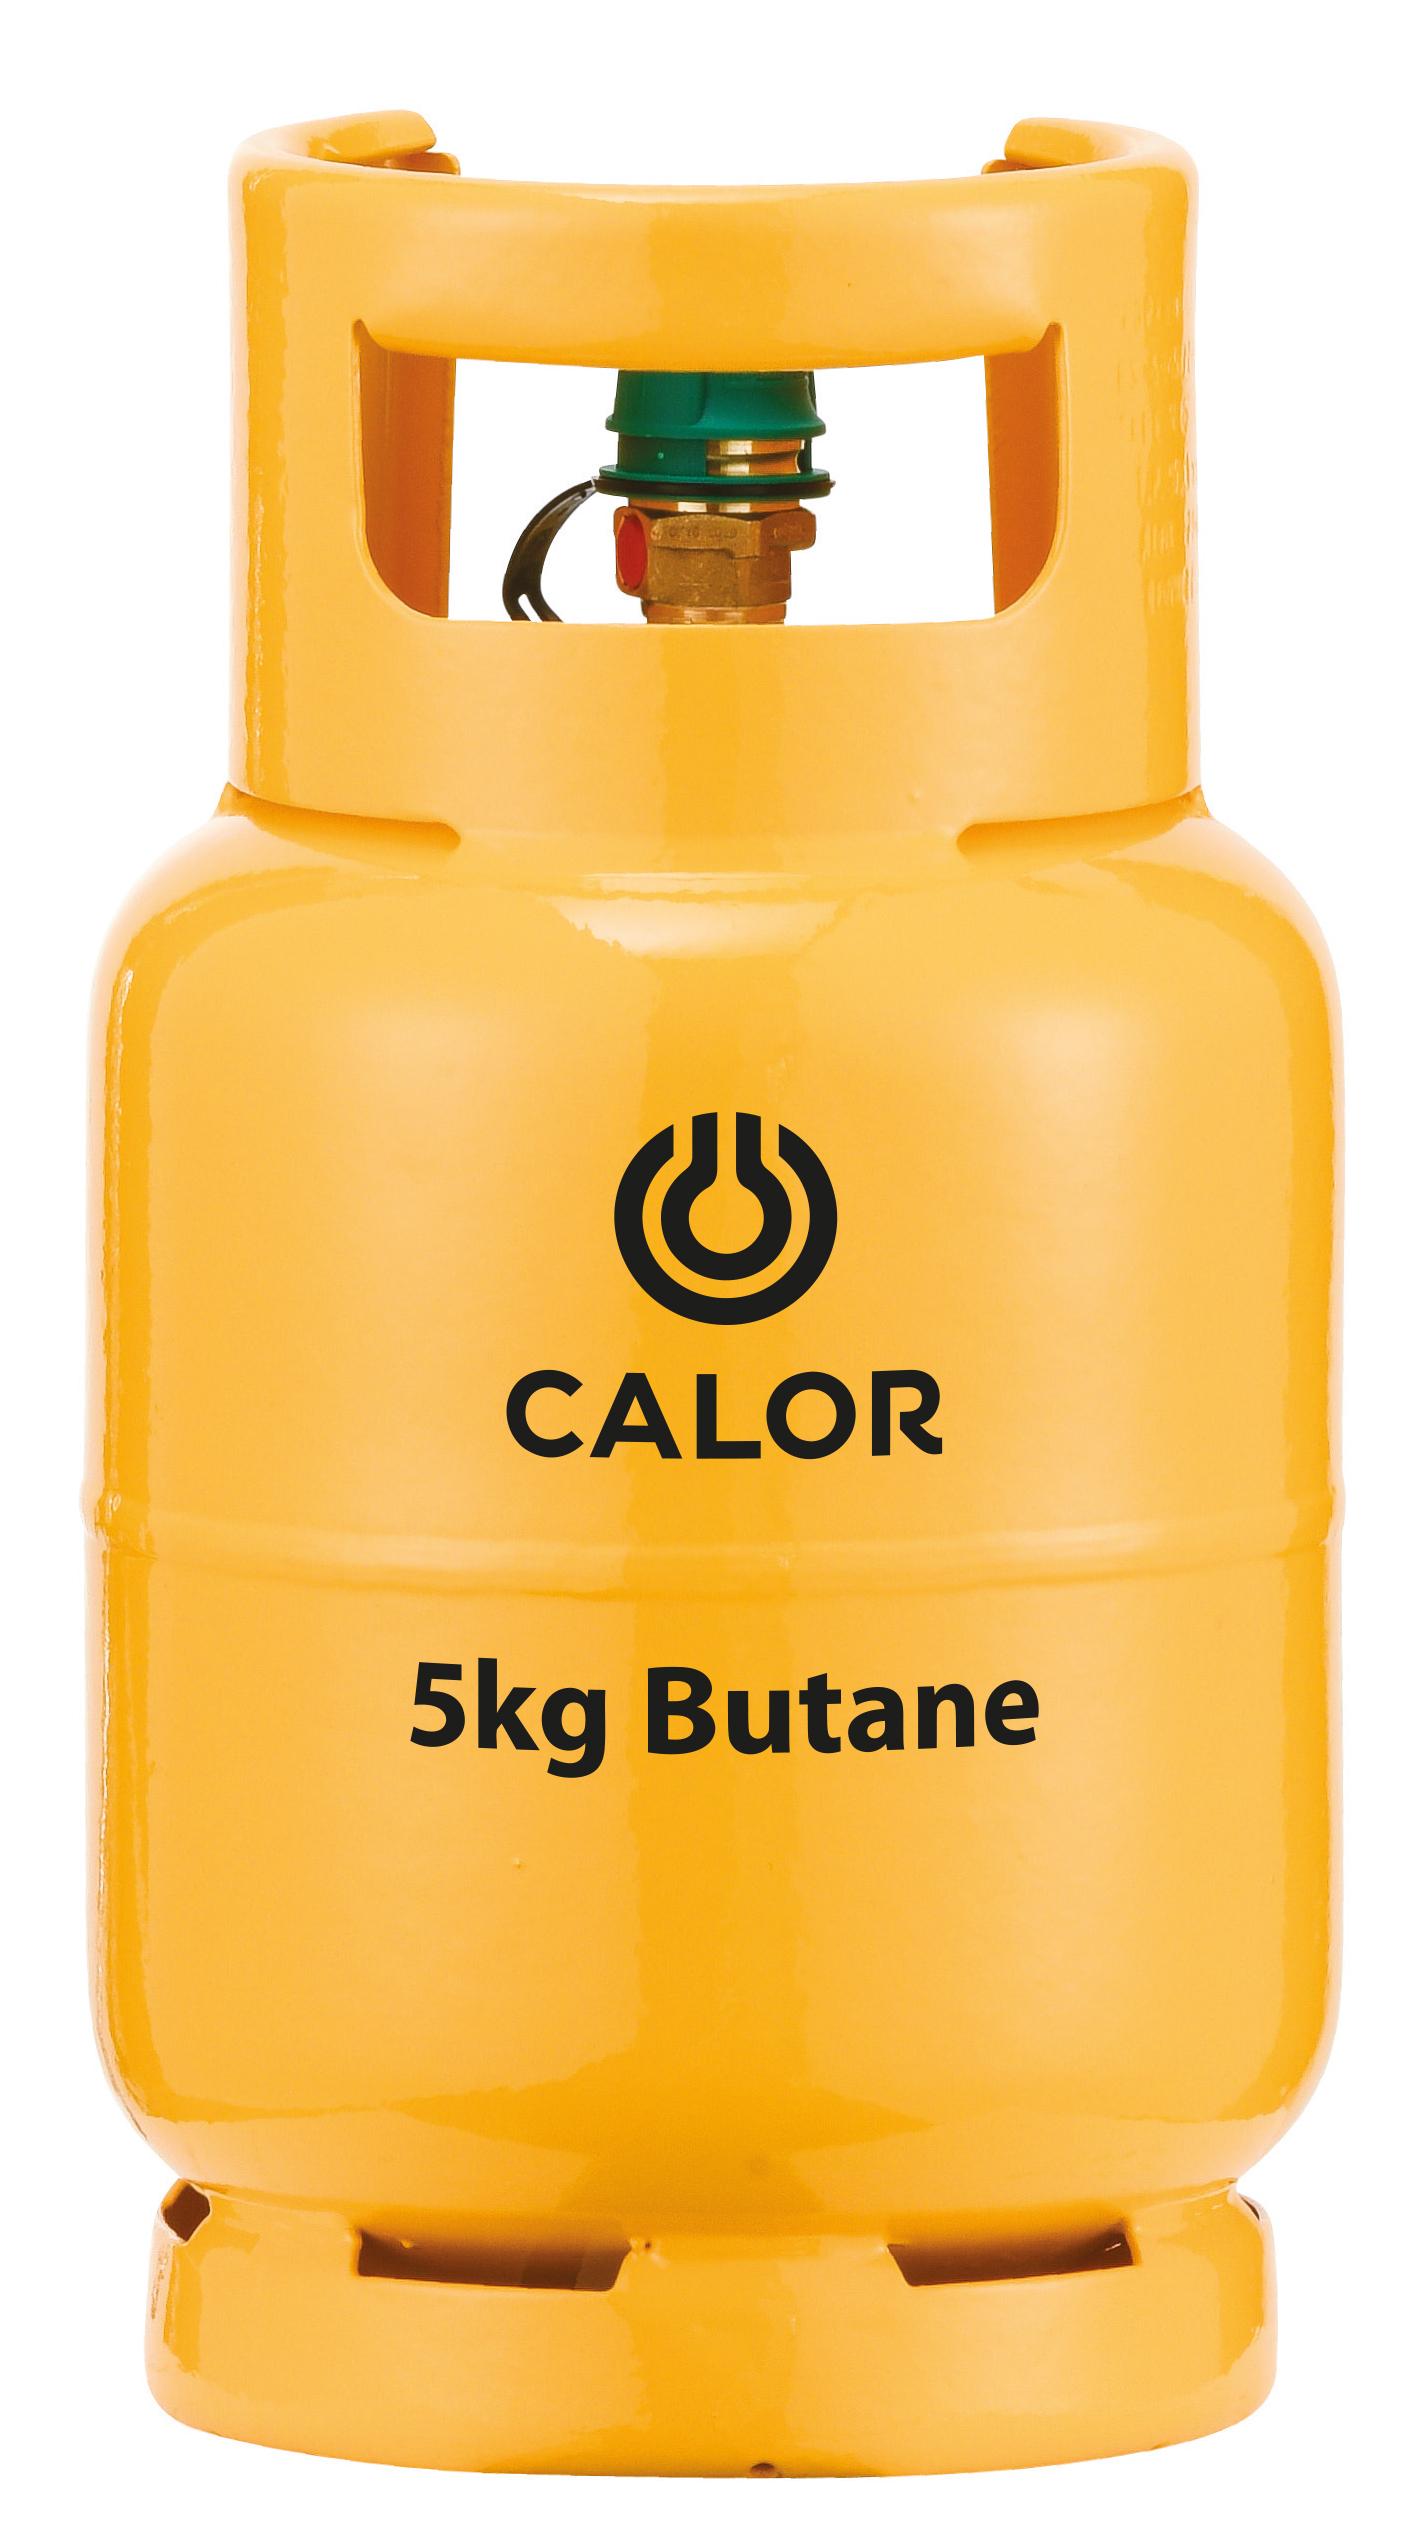 5Kg Butane